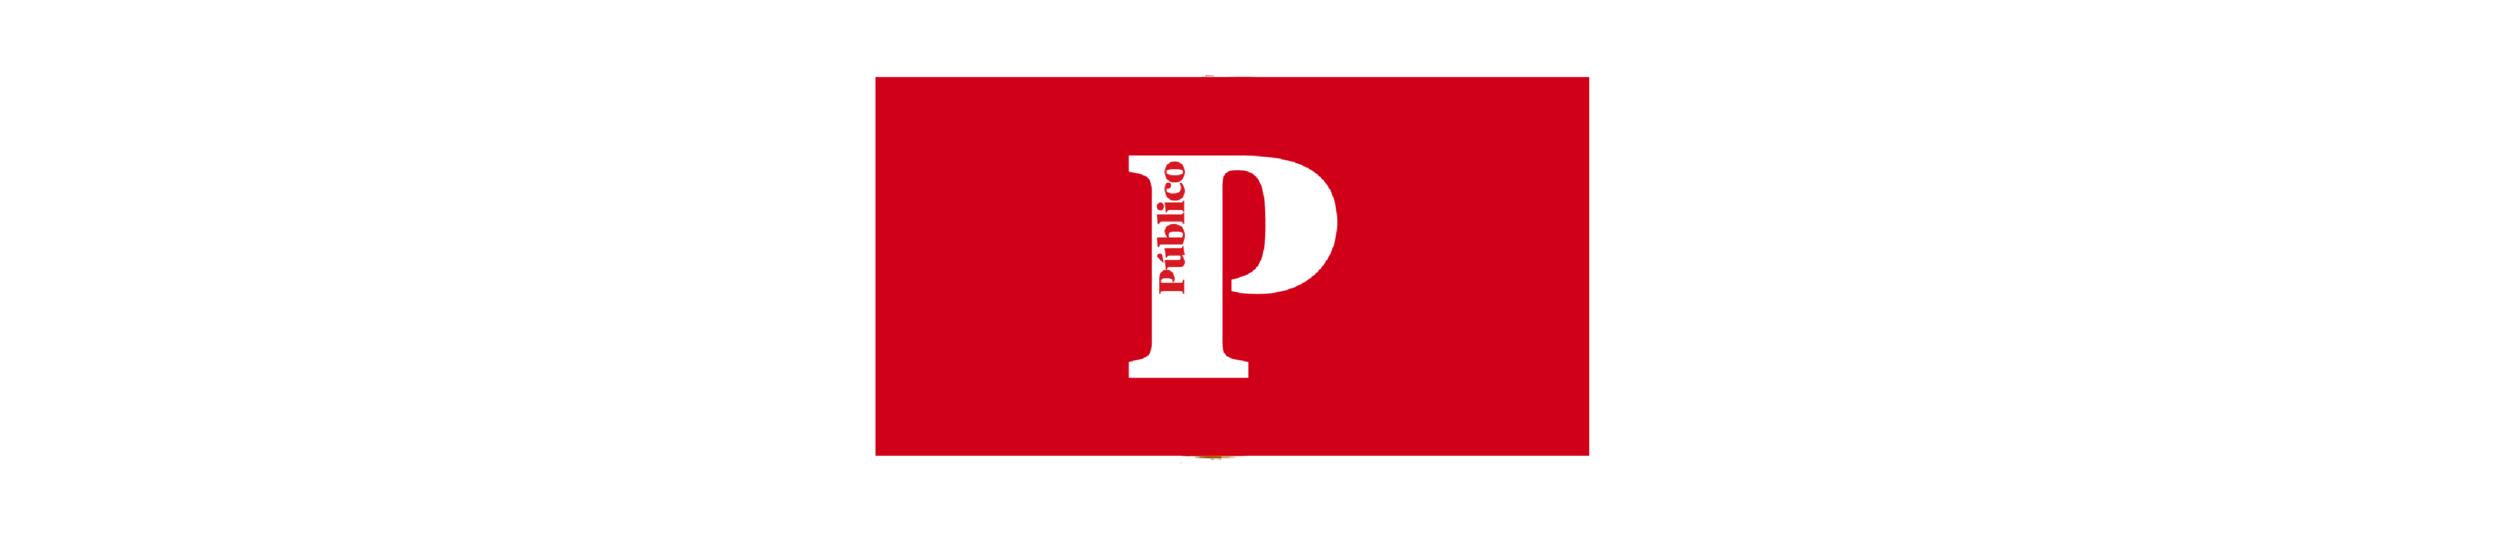 publico.png